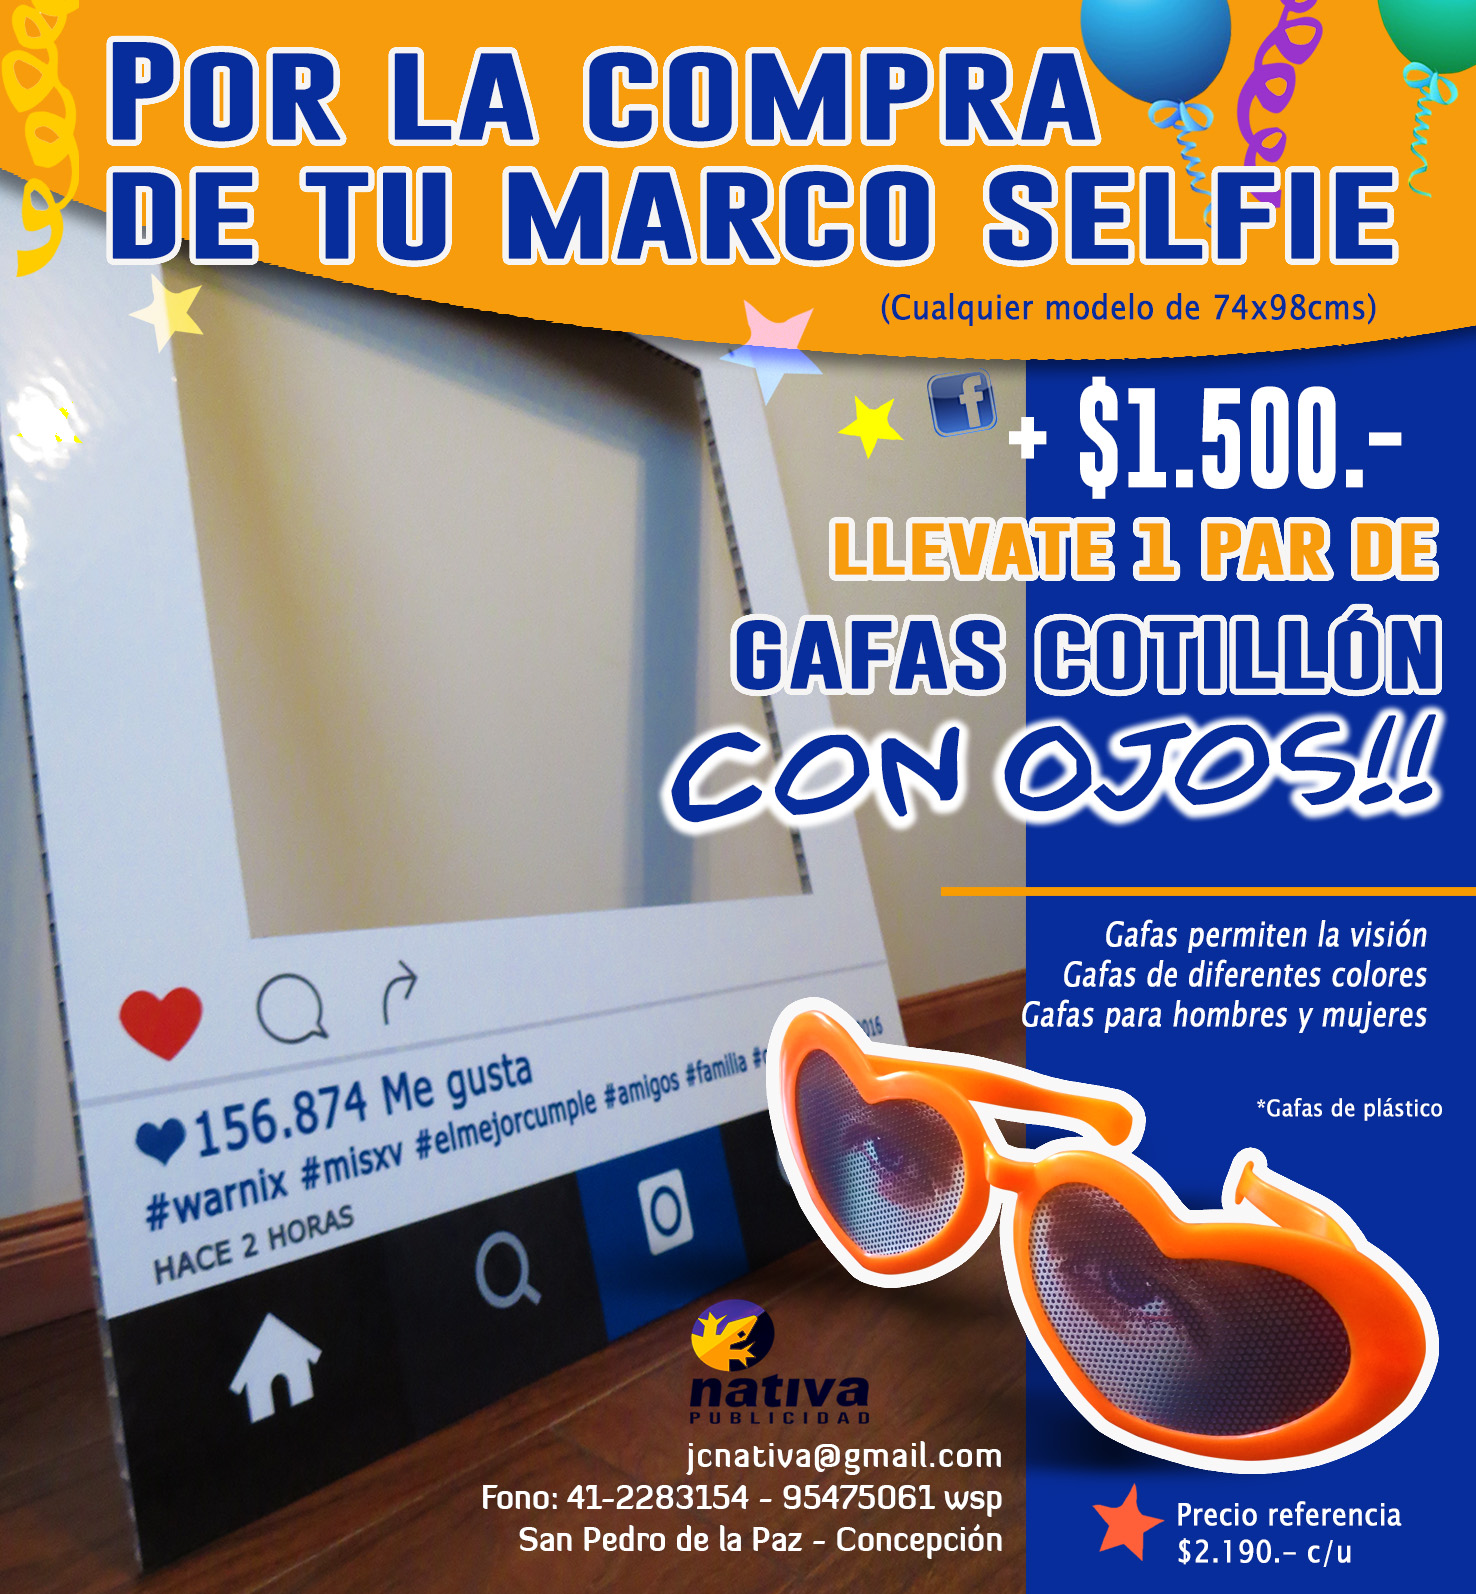 MARCOS SELFIES INSTAGRAM PARA FIESTAS / COTILLÓN / SELFIES en Concepción